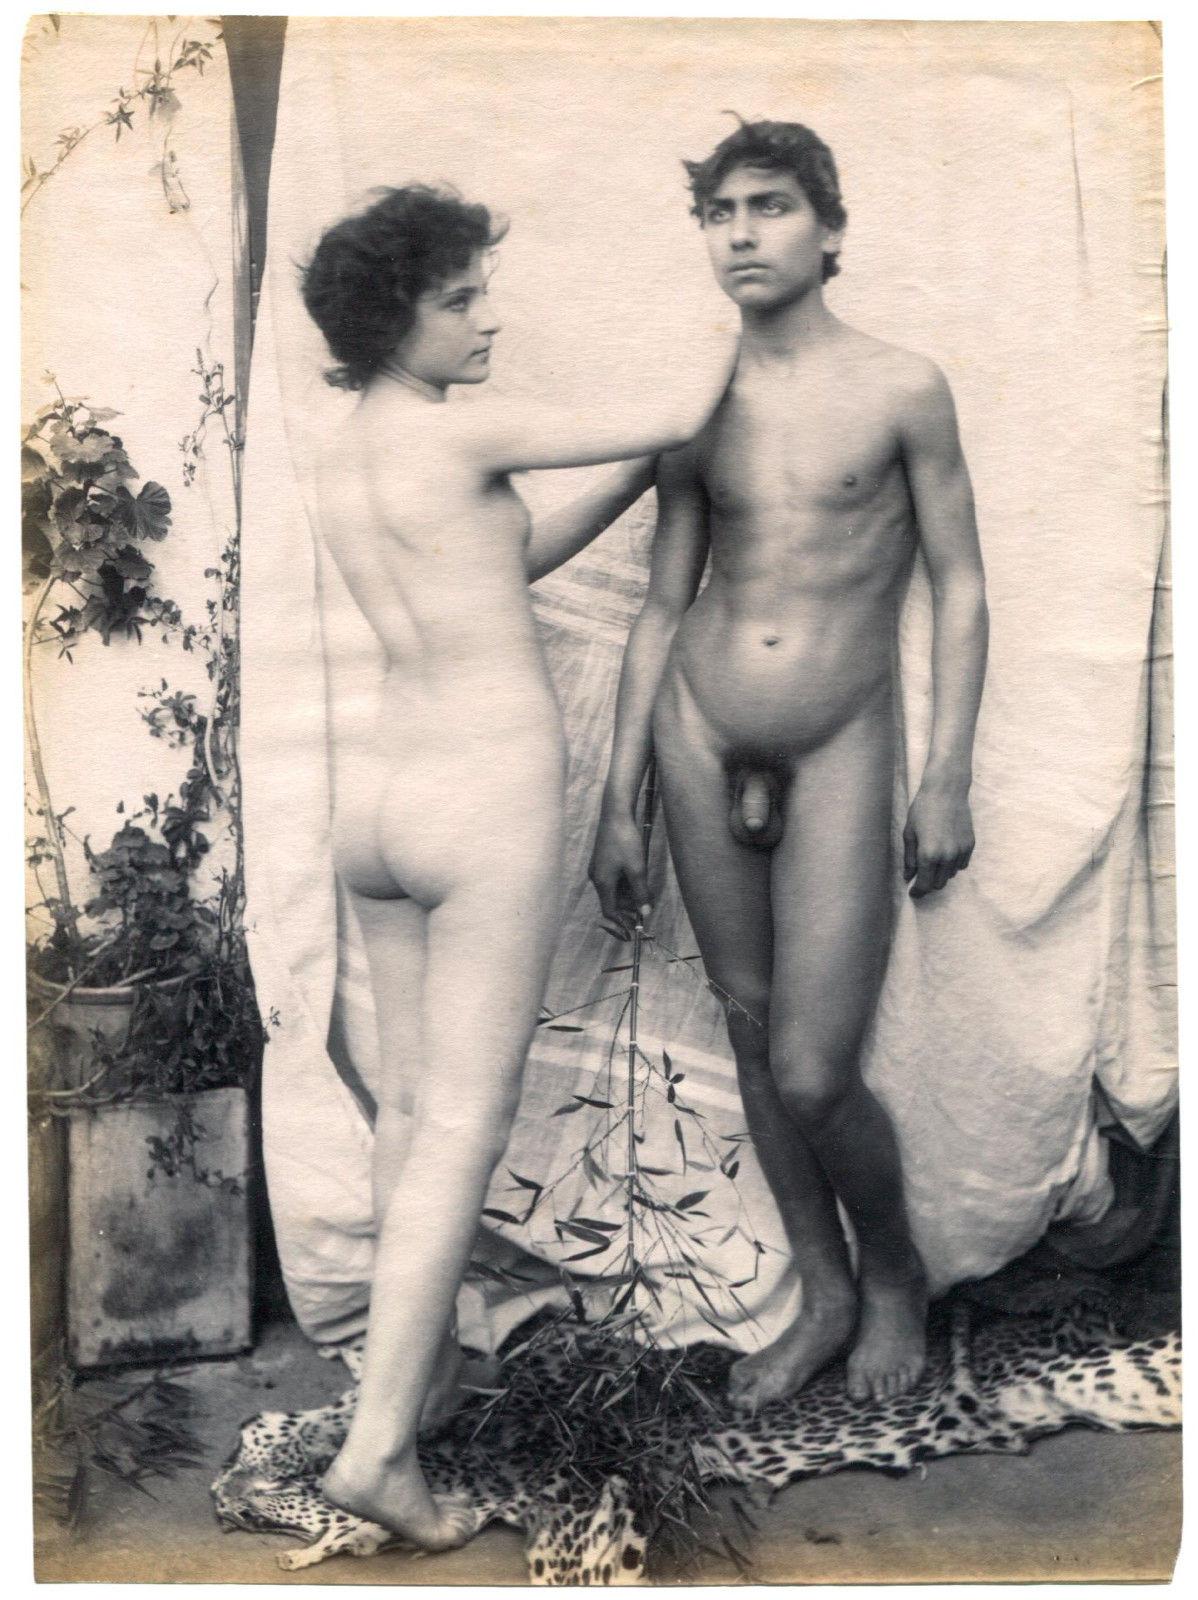 Vintage erotica circa 1930 9 - 1 4